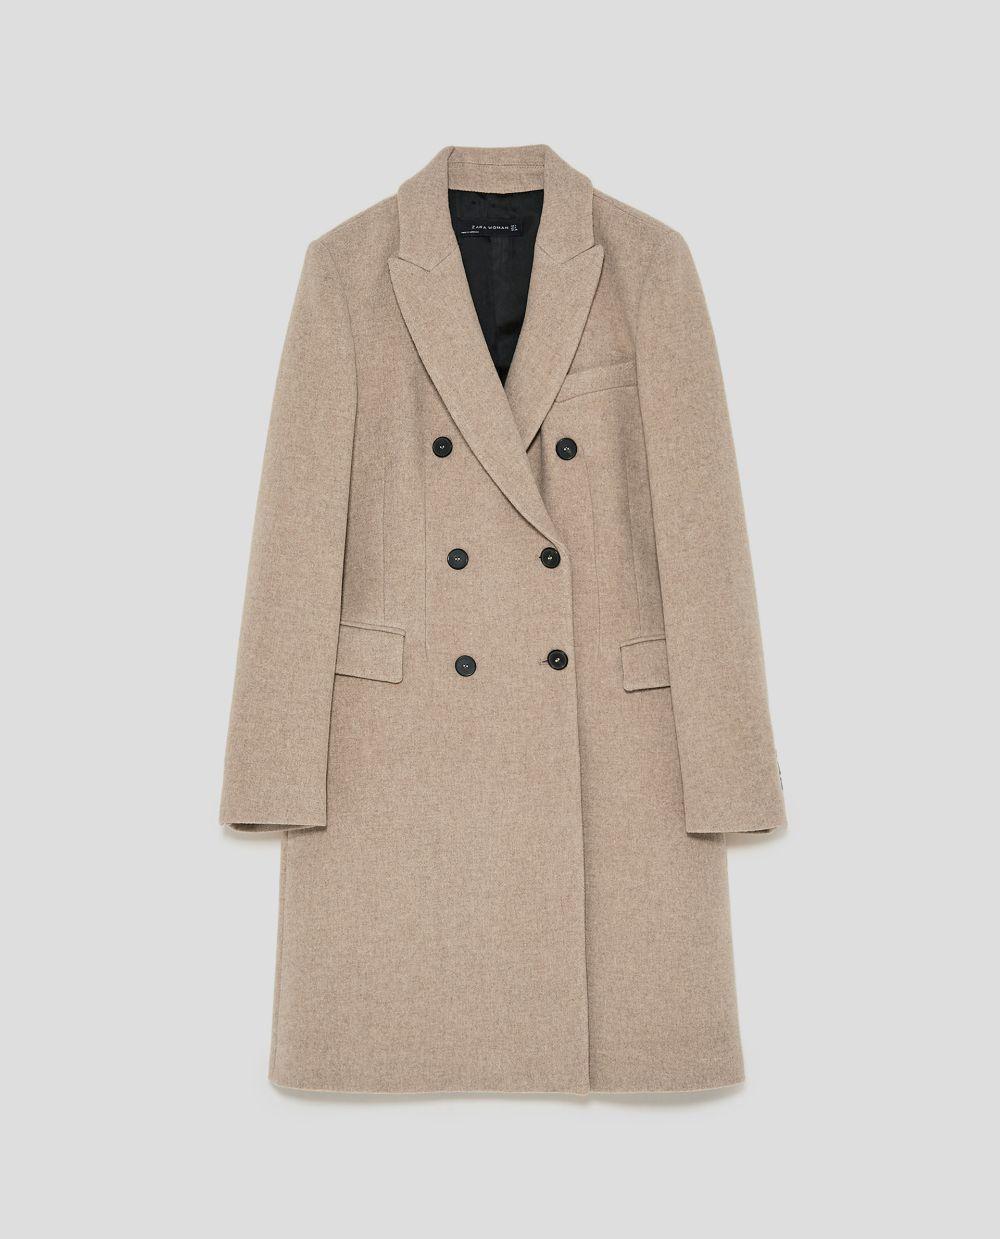 Abrigo cruzado de Zara (99,95 euros)